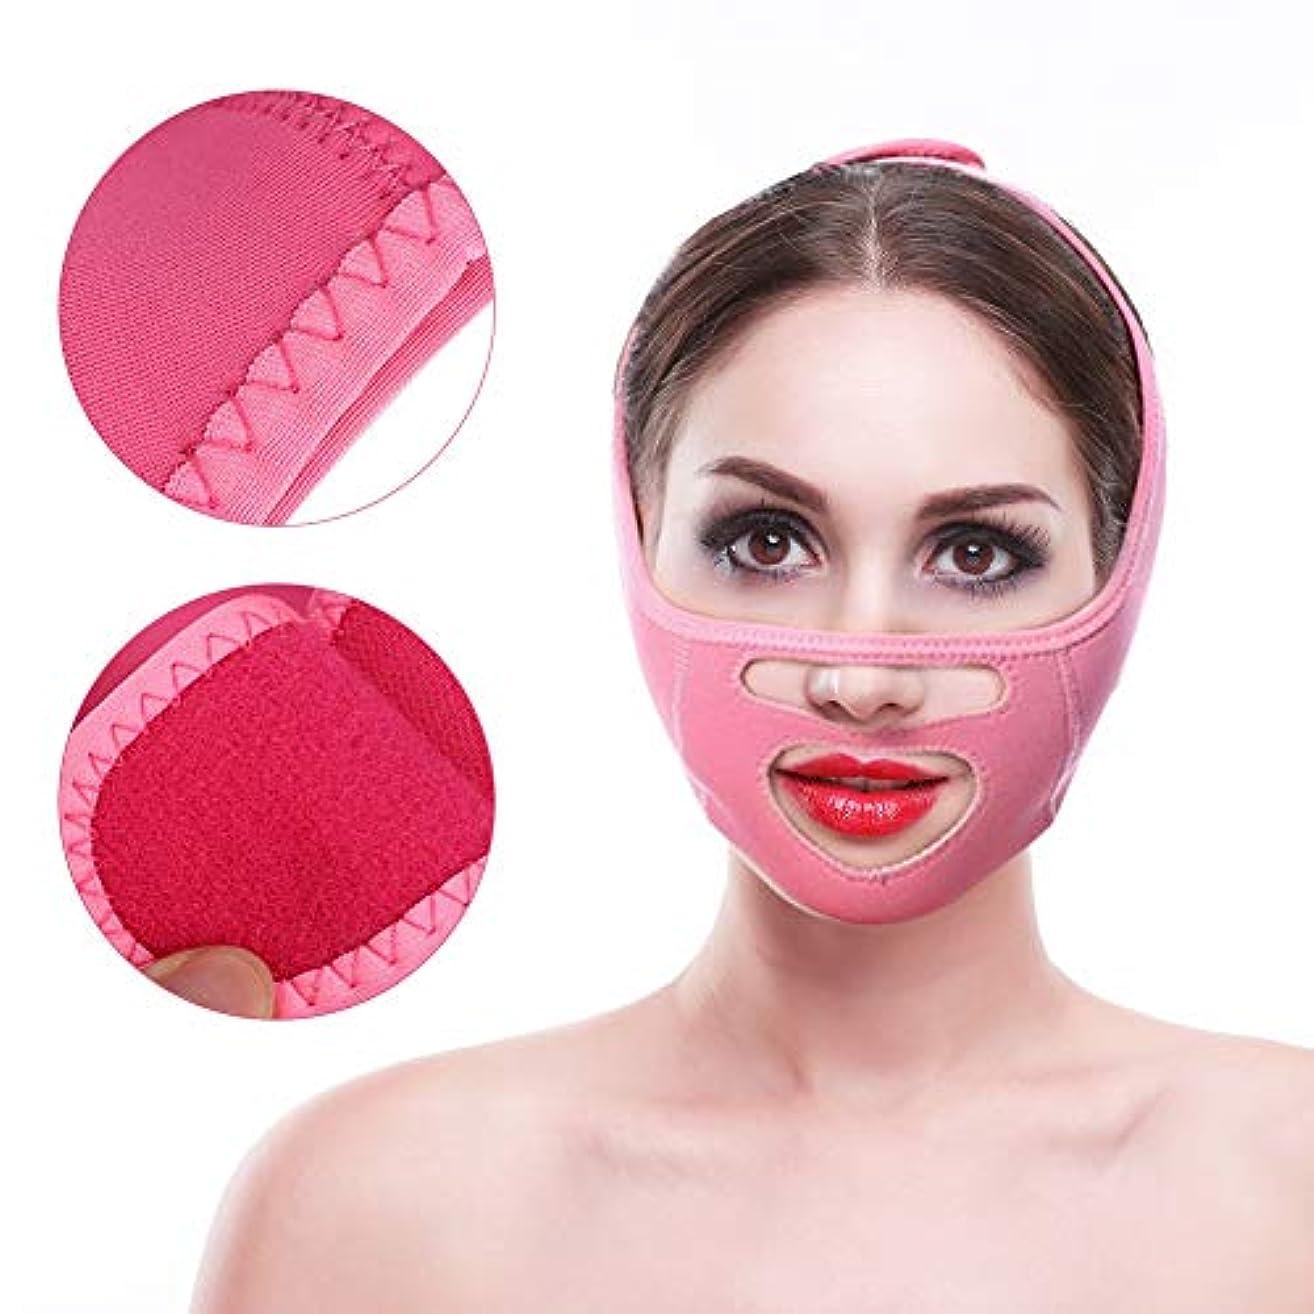 浮浪者指定運ぶ顔の持ち上がる整形ベルト、効果的に顔の形を改善し、顔と首の二重あごに肌を引き締め包帯を減らす